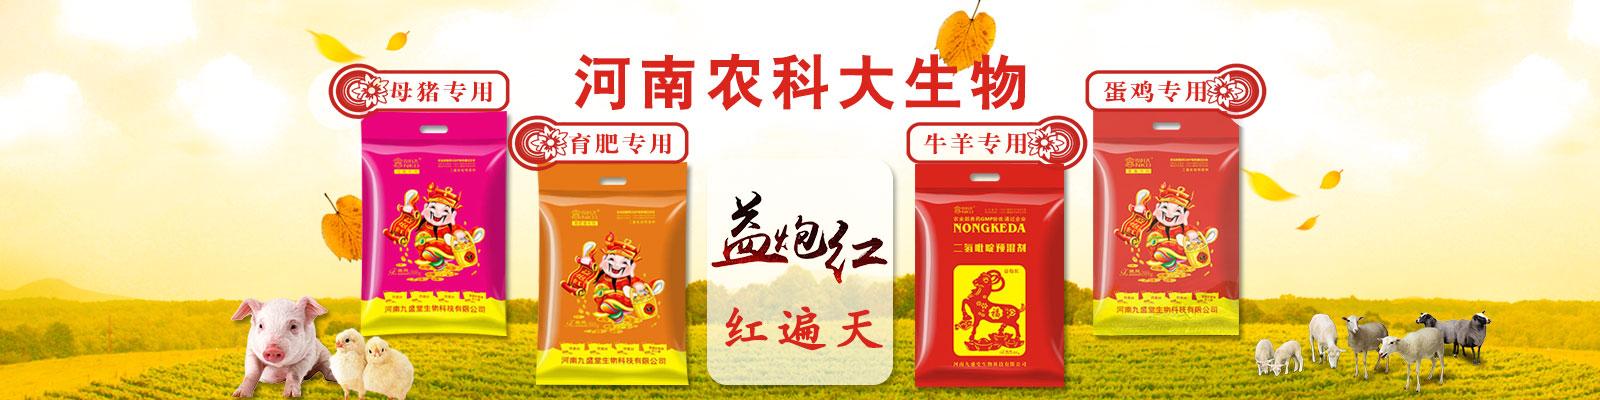 河南农科大生物科技有限公司